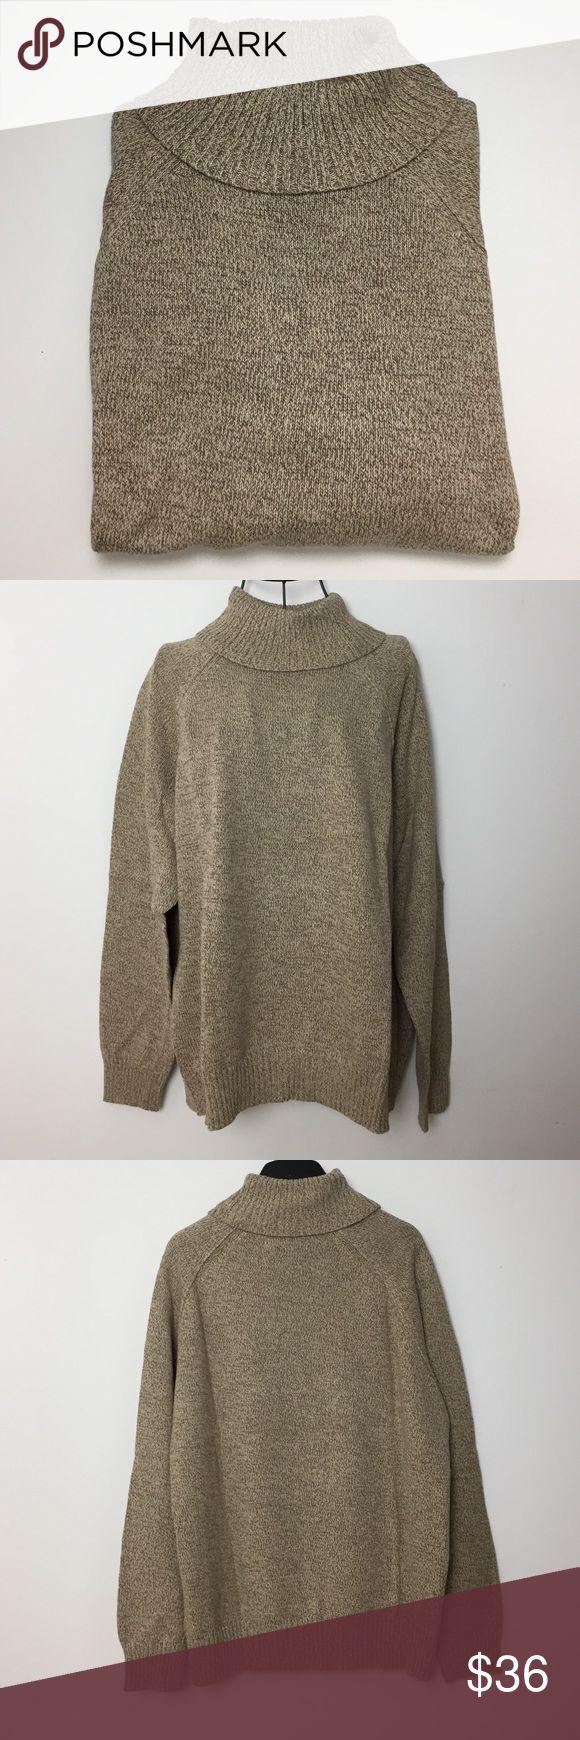 Karen Scott Marled Turtleneck Sweater Chestnut marled sweater.  Turtleneck.  Long Sleeve.  100% Cotton.  No trades. Karen Scott Sweaters Cowl & Turtlenecks